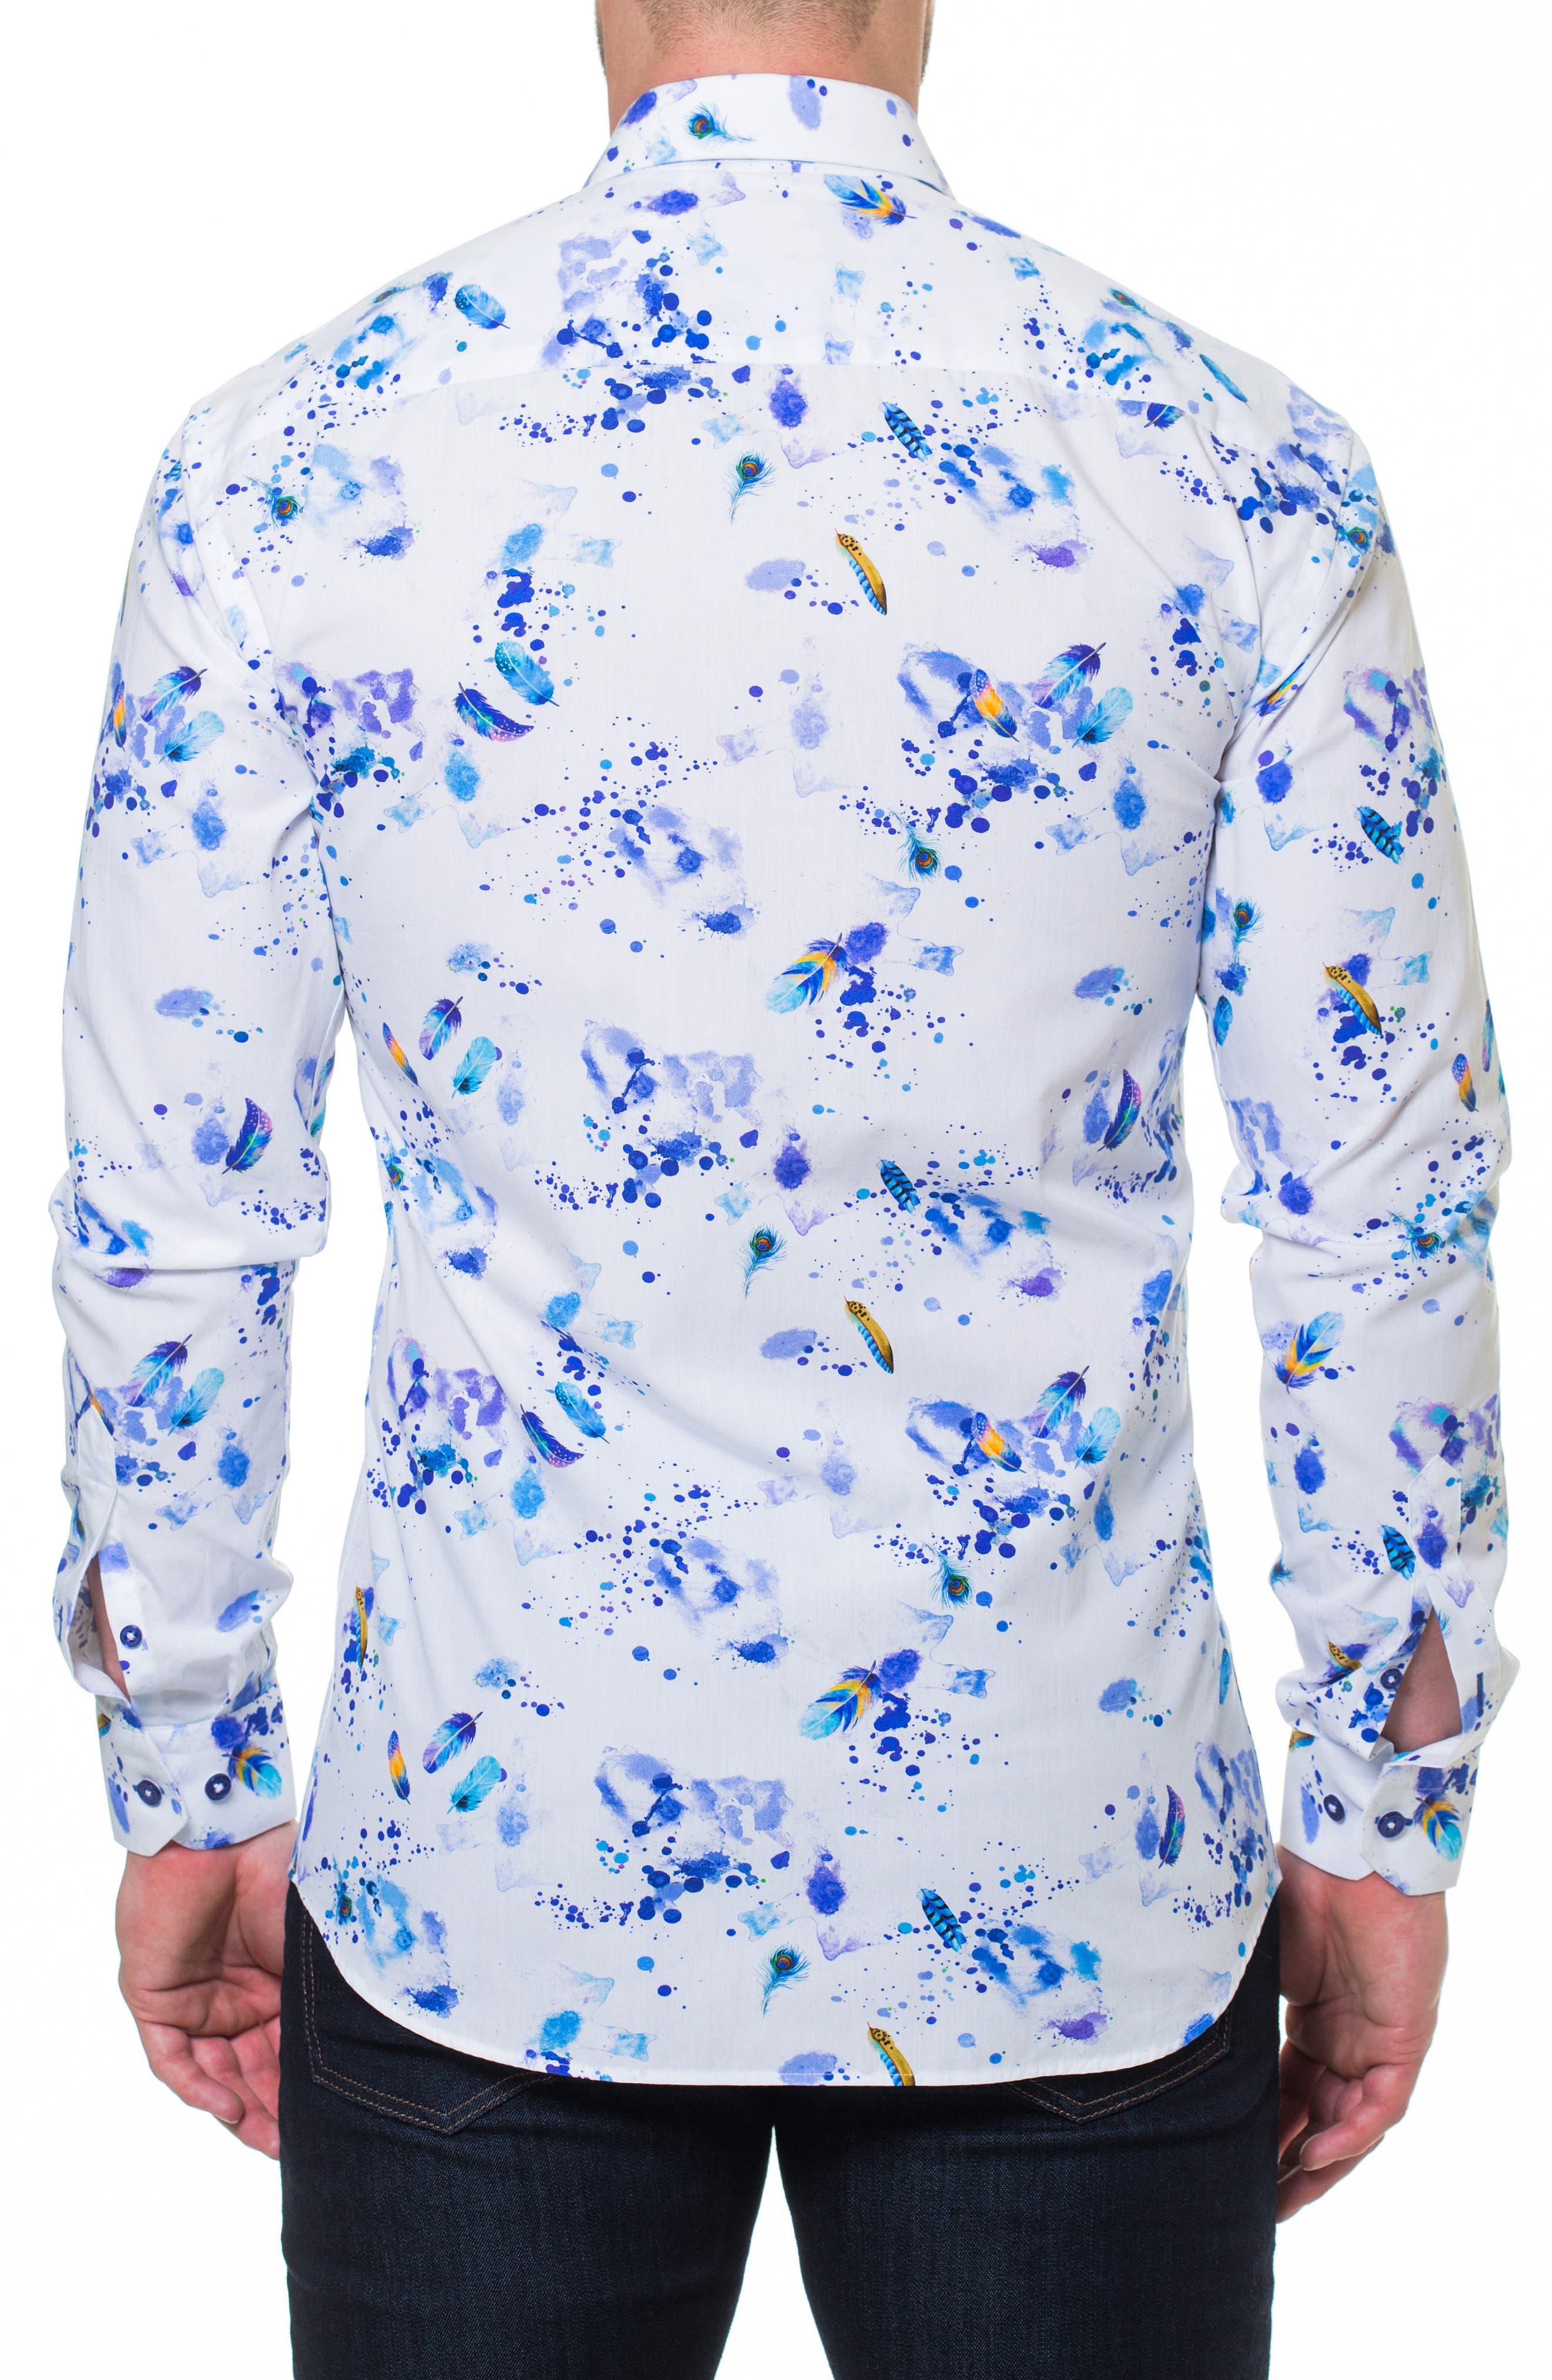 Luxor Peacock Splatter Slim Fit Sport Shirt,                             Alternate thumbnail 2, color,                             WHITE